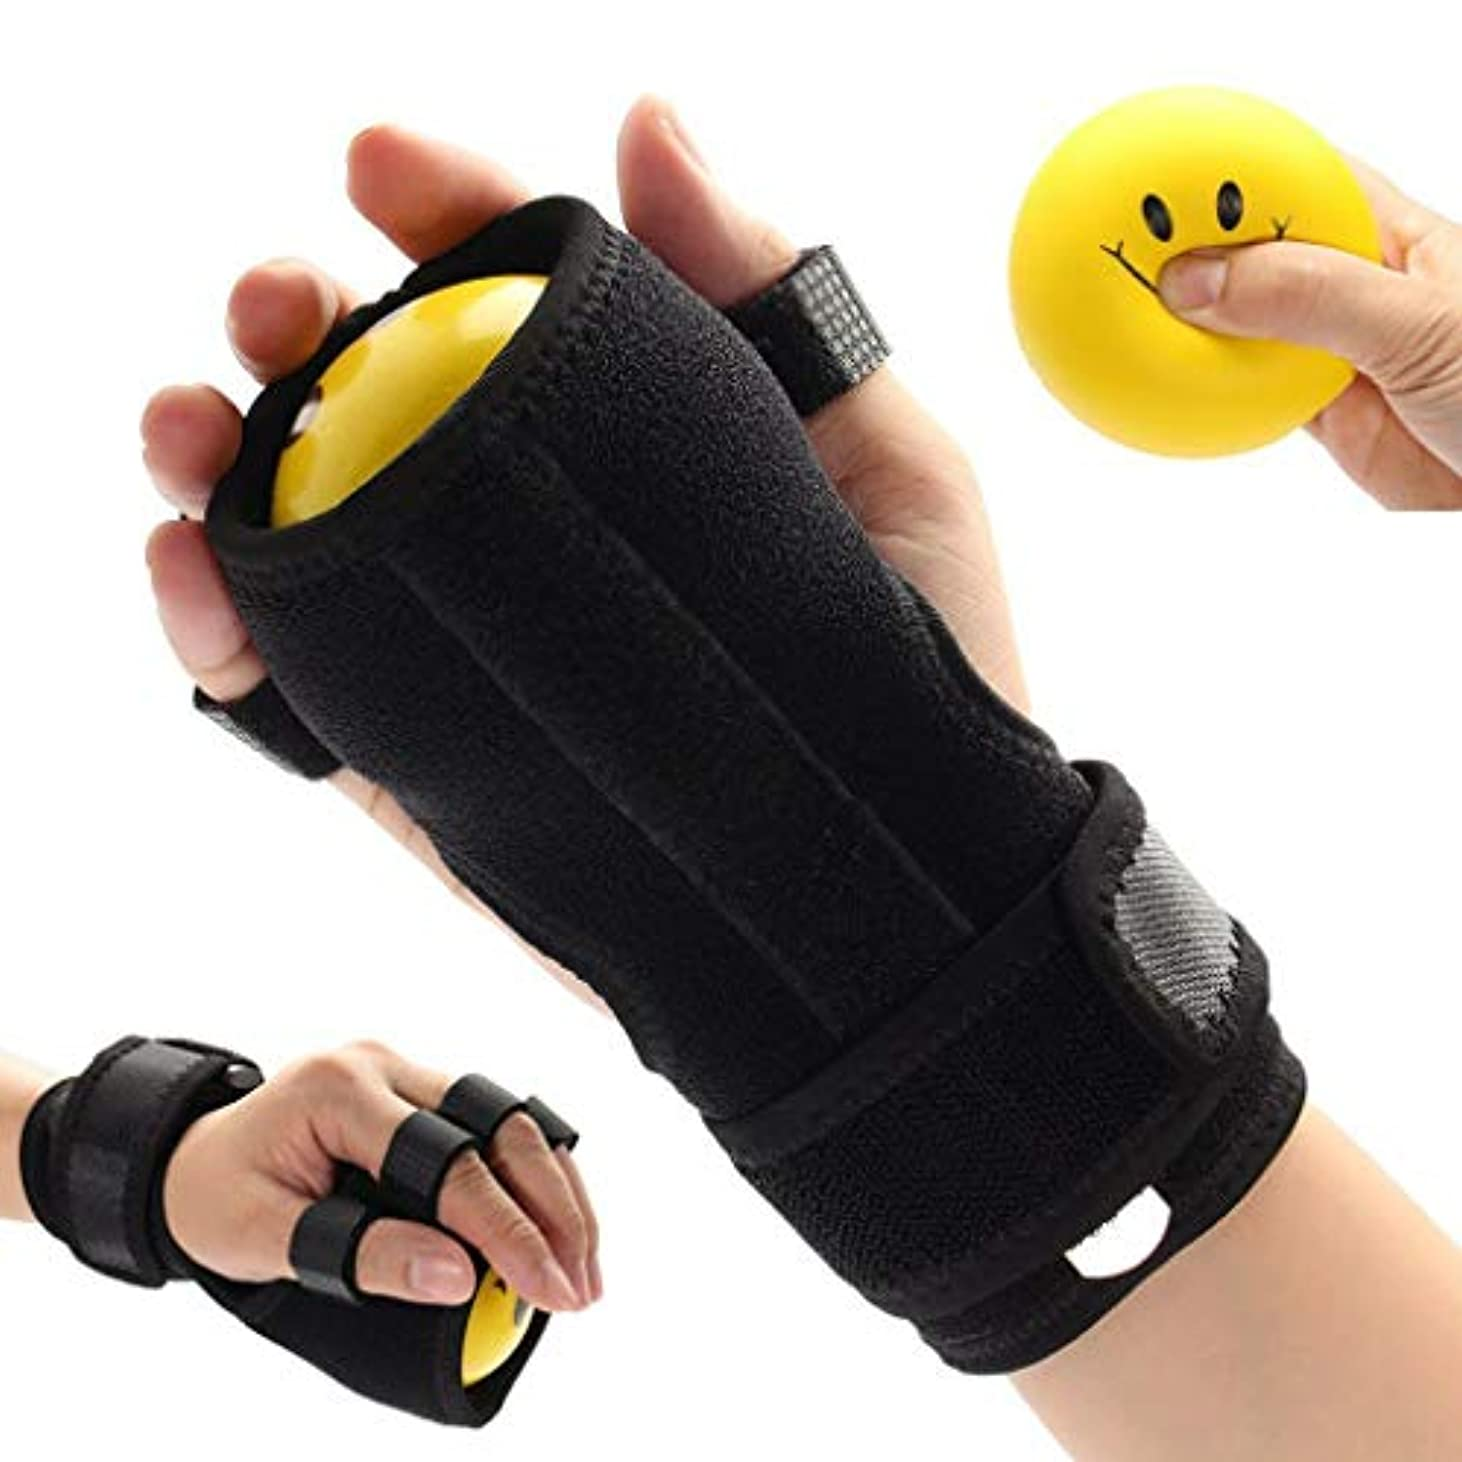 政令討論暴行抗痙攣性ボール - 指手首リハビリテーション練習用装具、機能的副子手、手の機能障害/片麻痺/脳卒中用